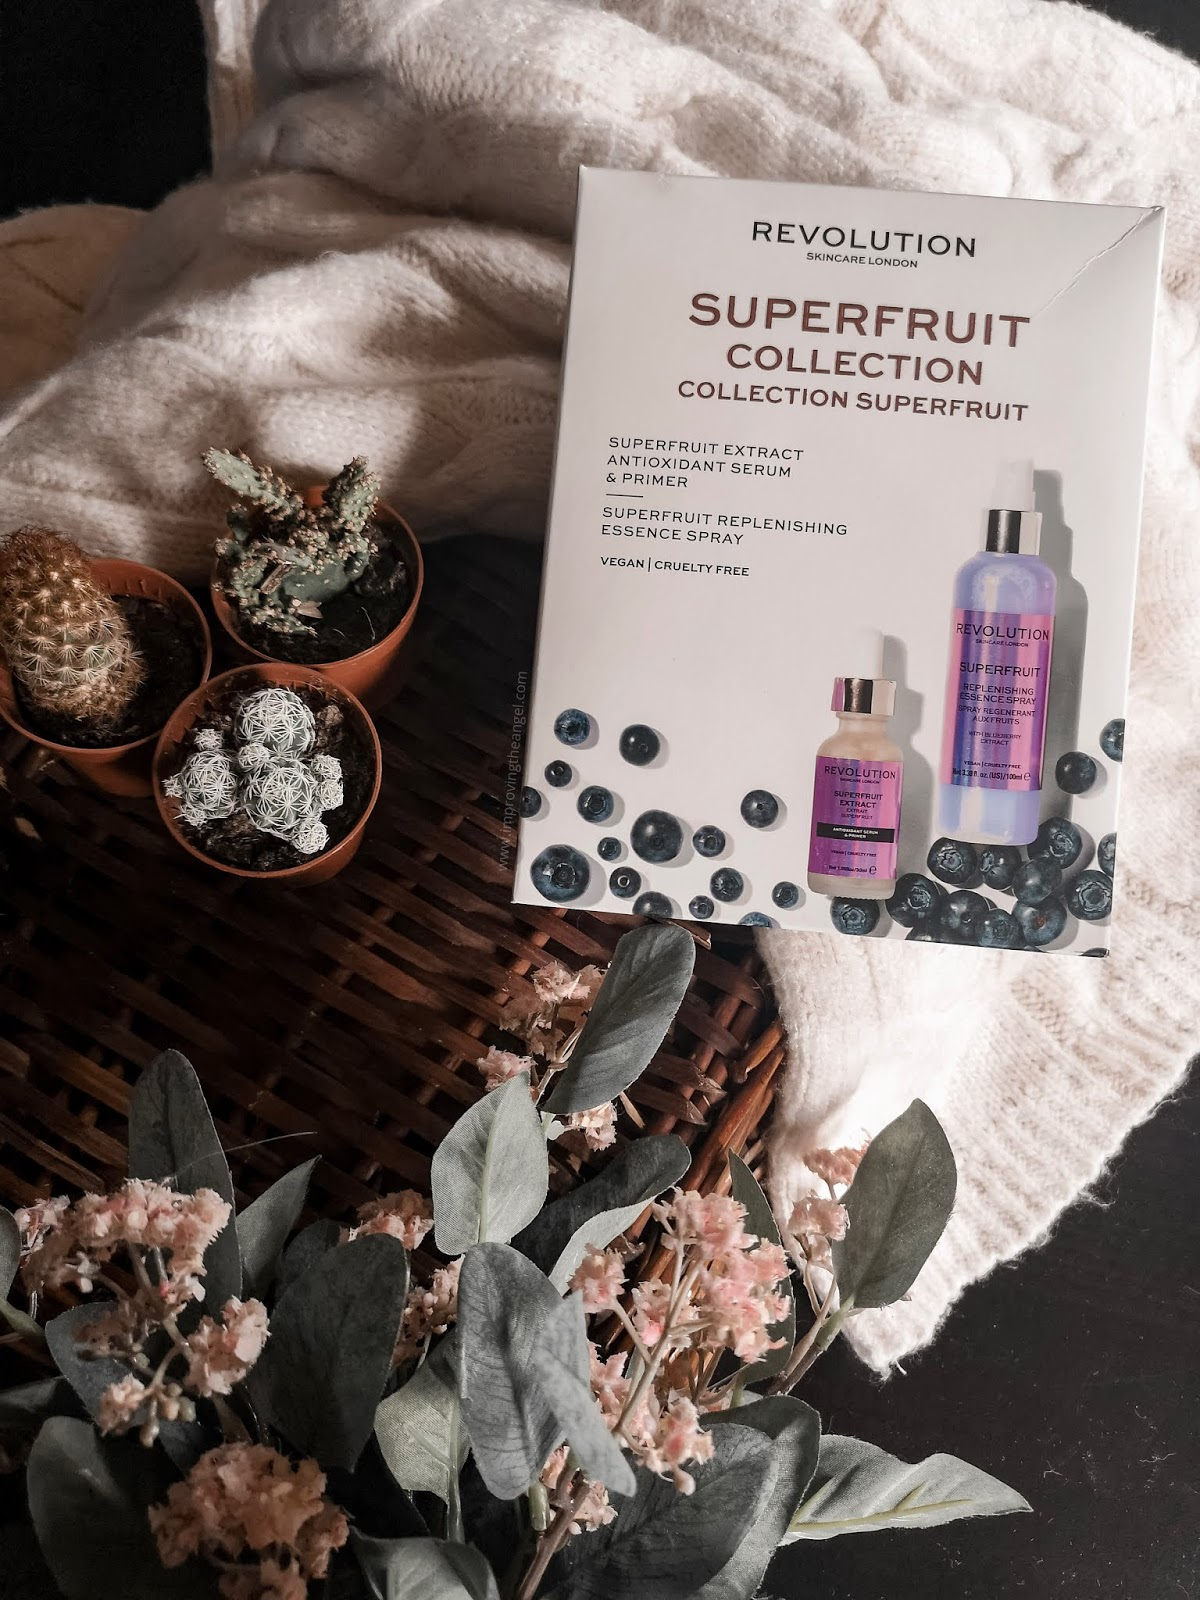 Pack Superfruit Revolution Skincare